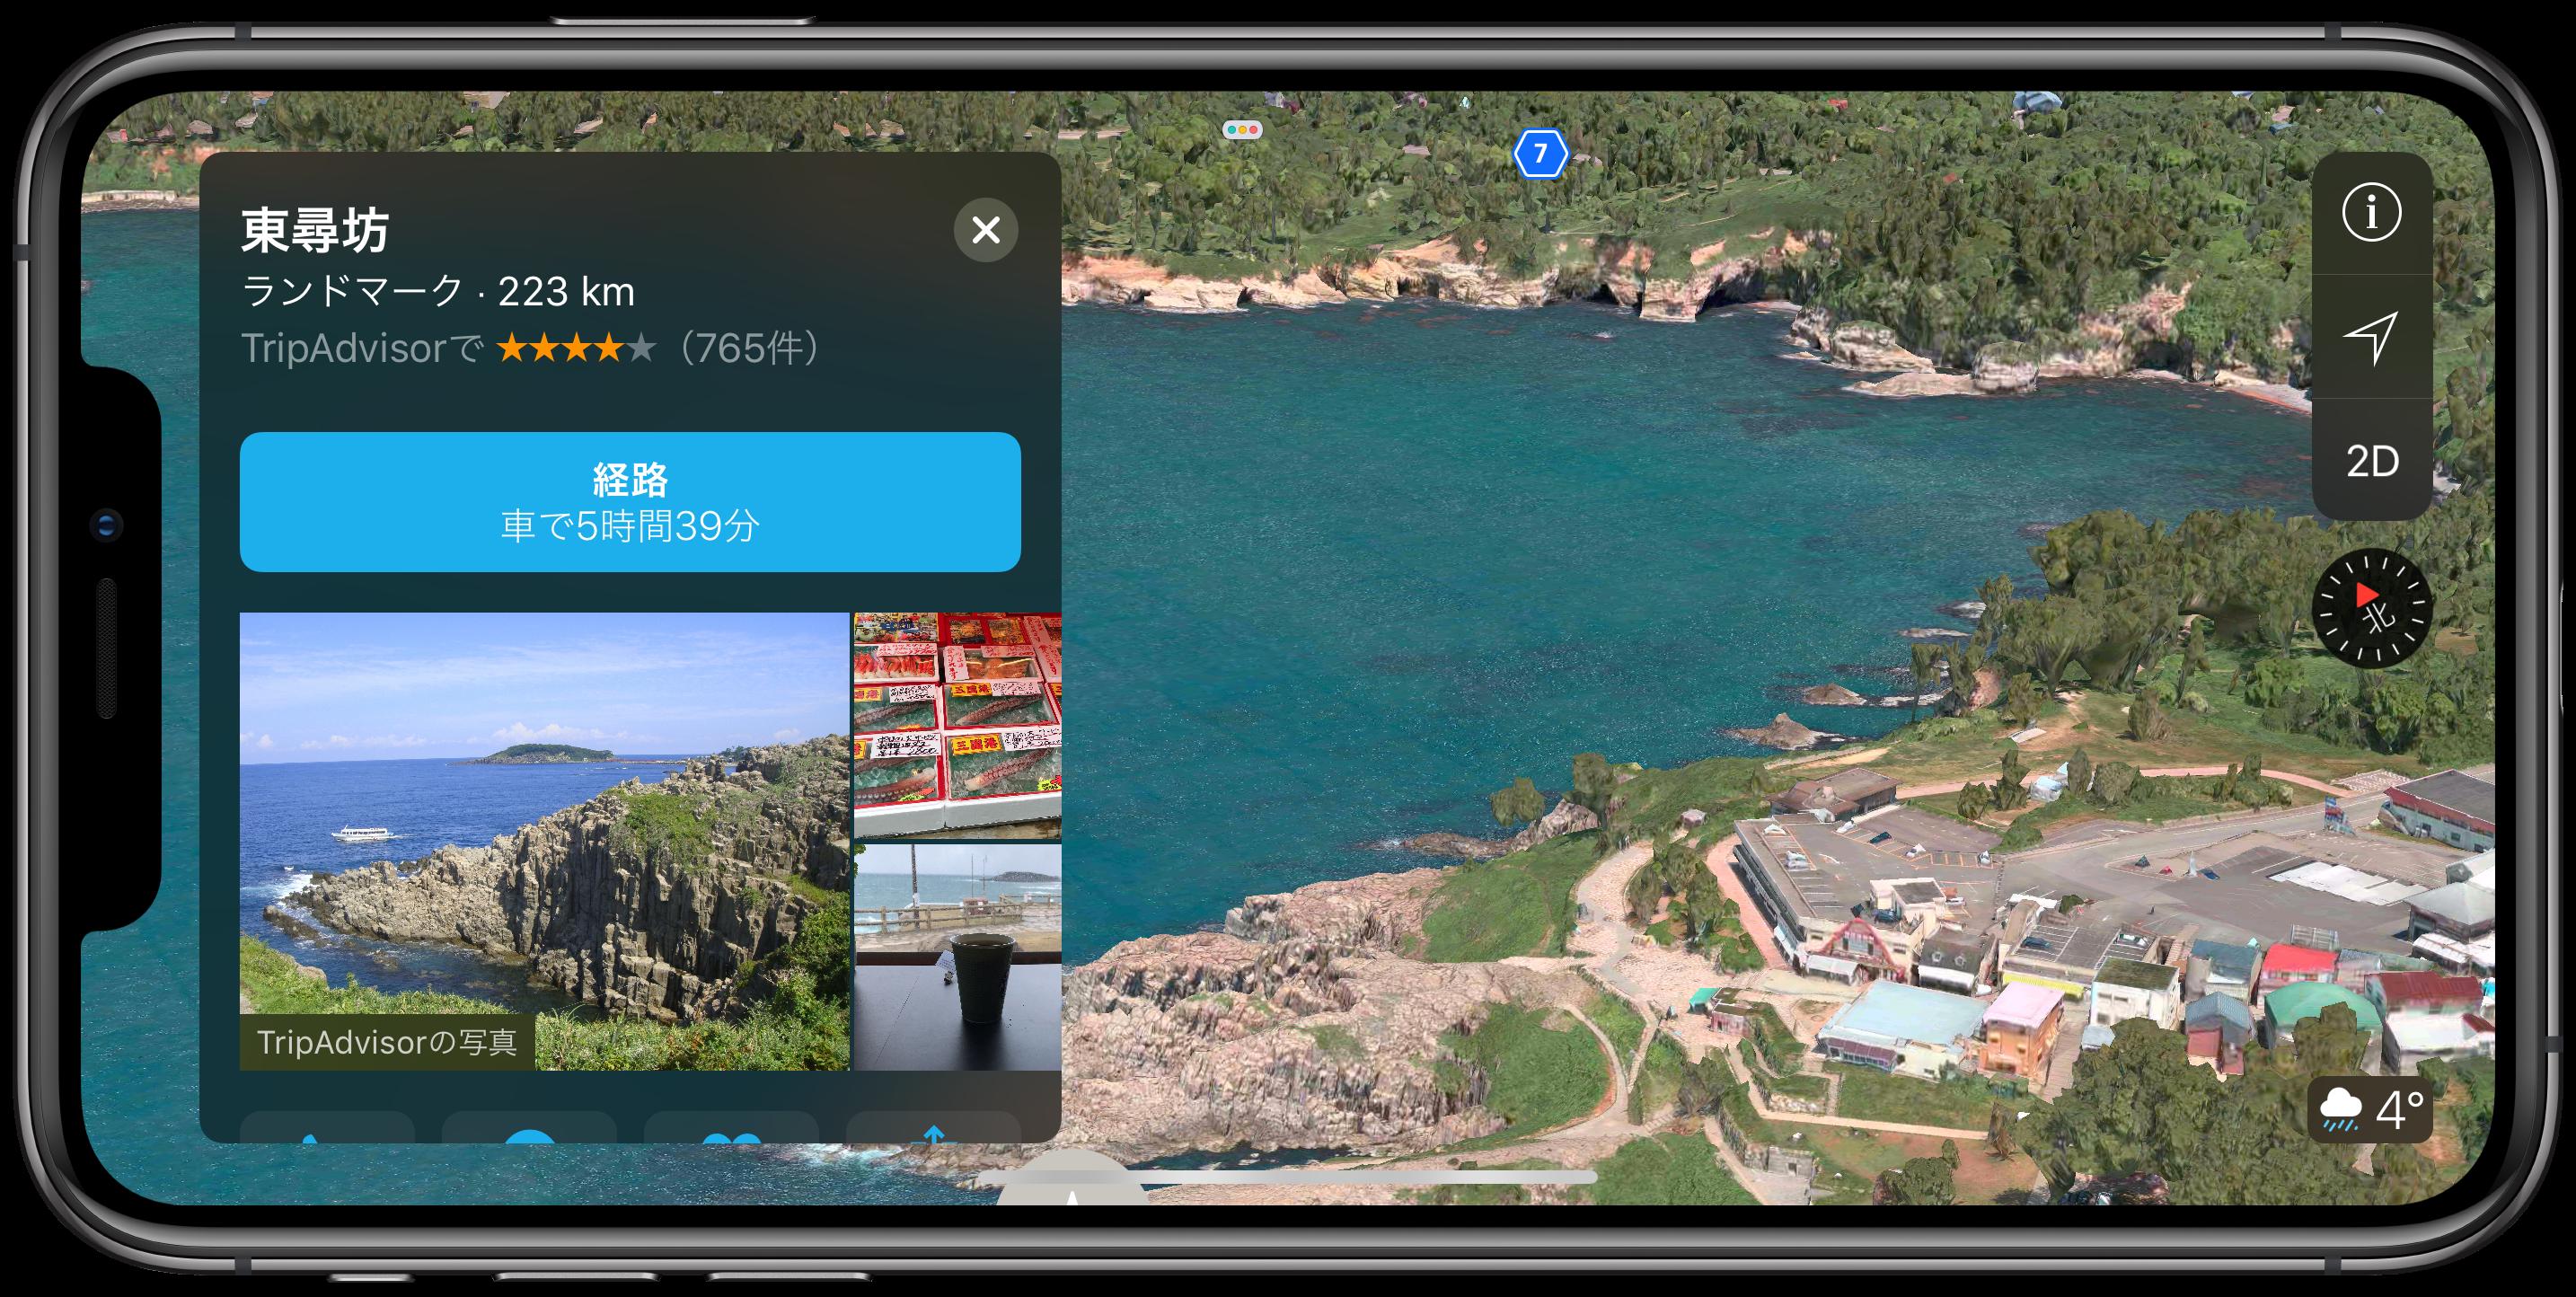 Apple マップで新しい屋内モールと日本の複数の都市を含むFlyoverが追加